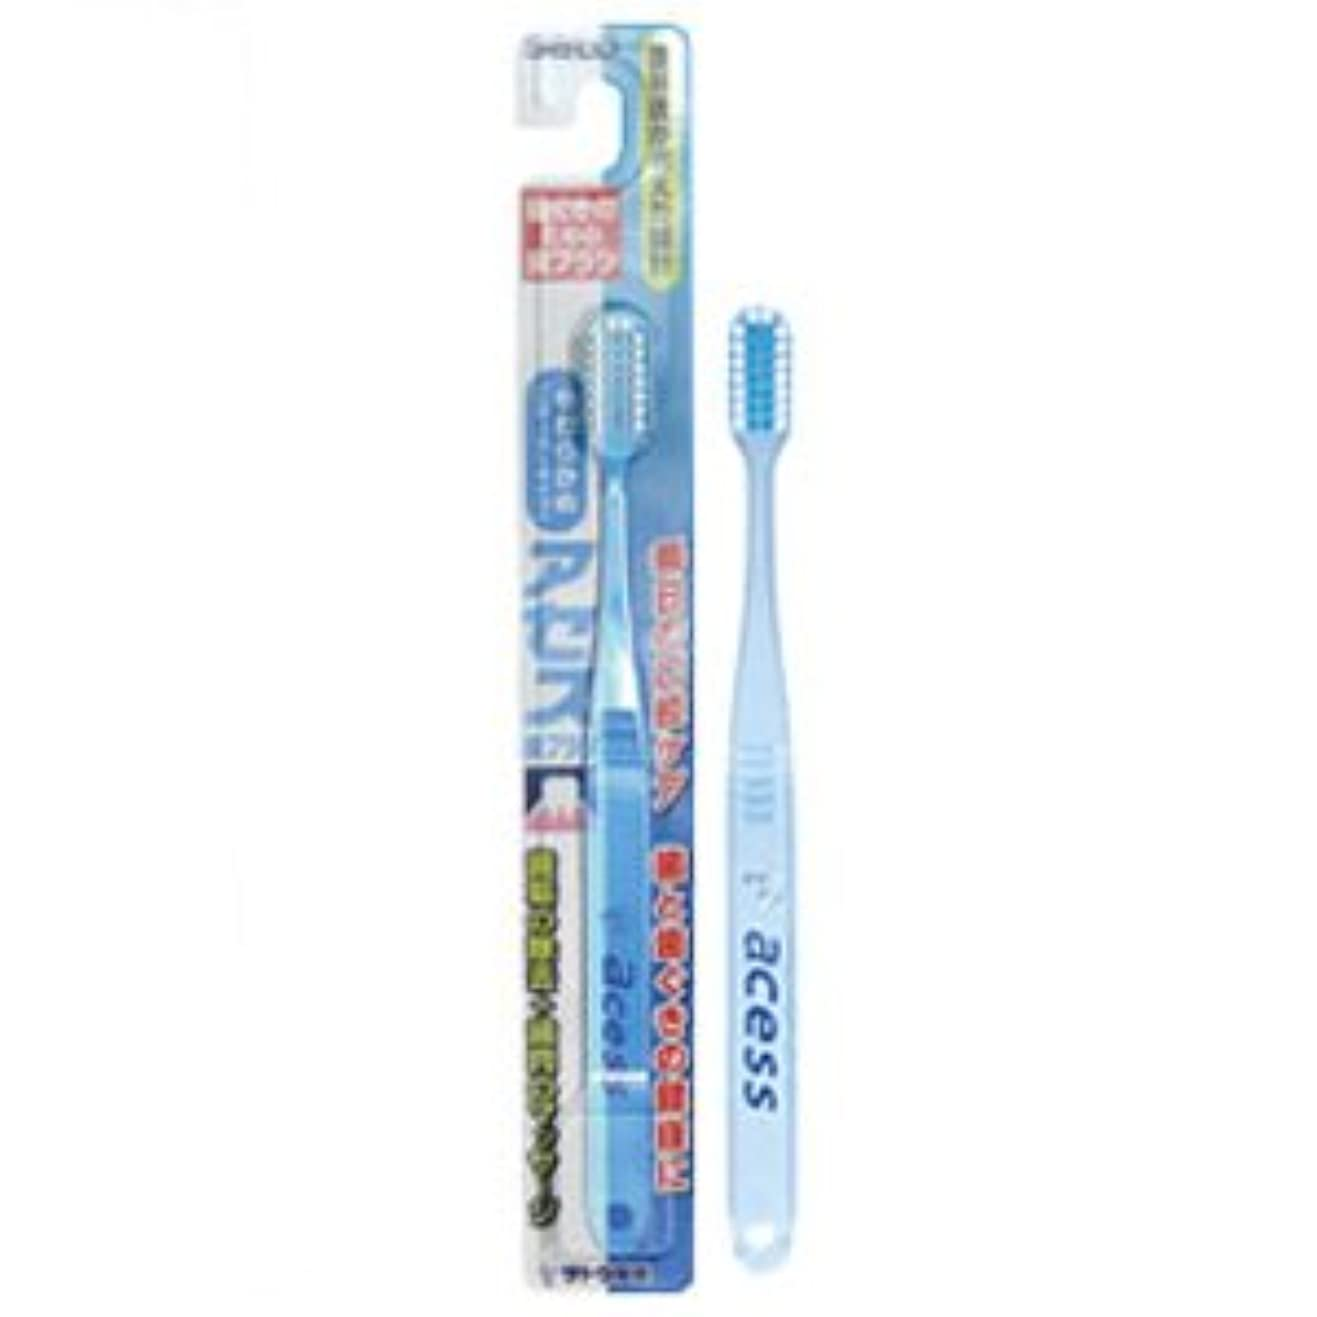 スイングマナー延ばすアセス歯ブラシ やわらかめ(レギュラータイプ) ブルー 12本